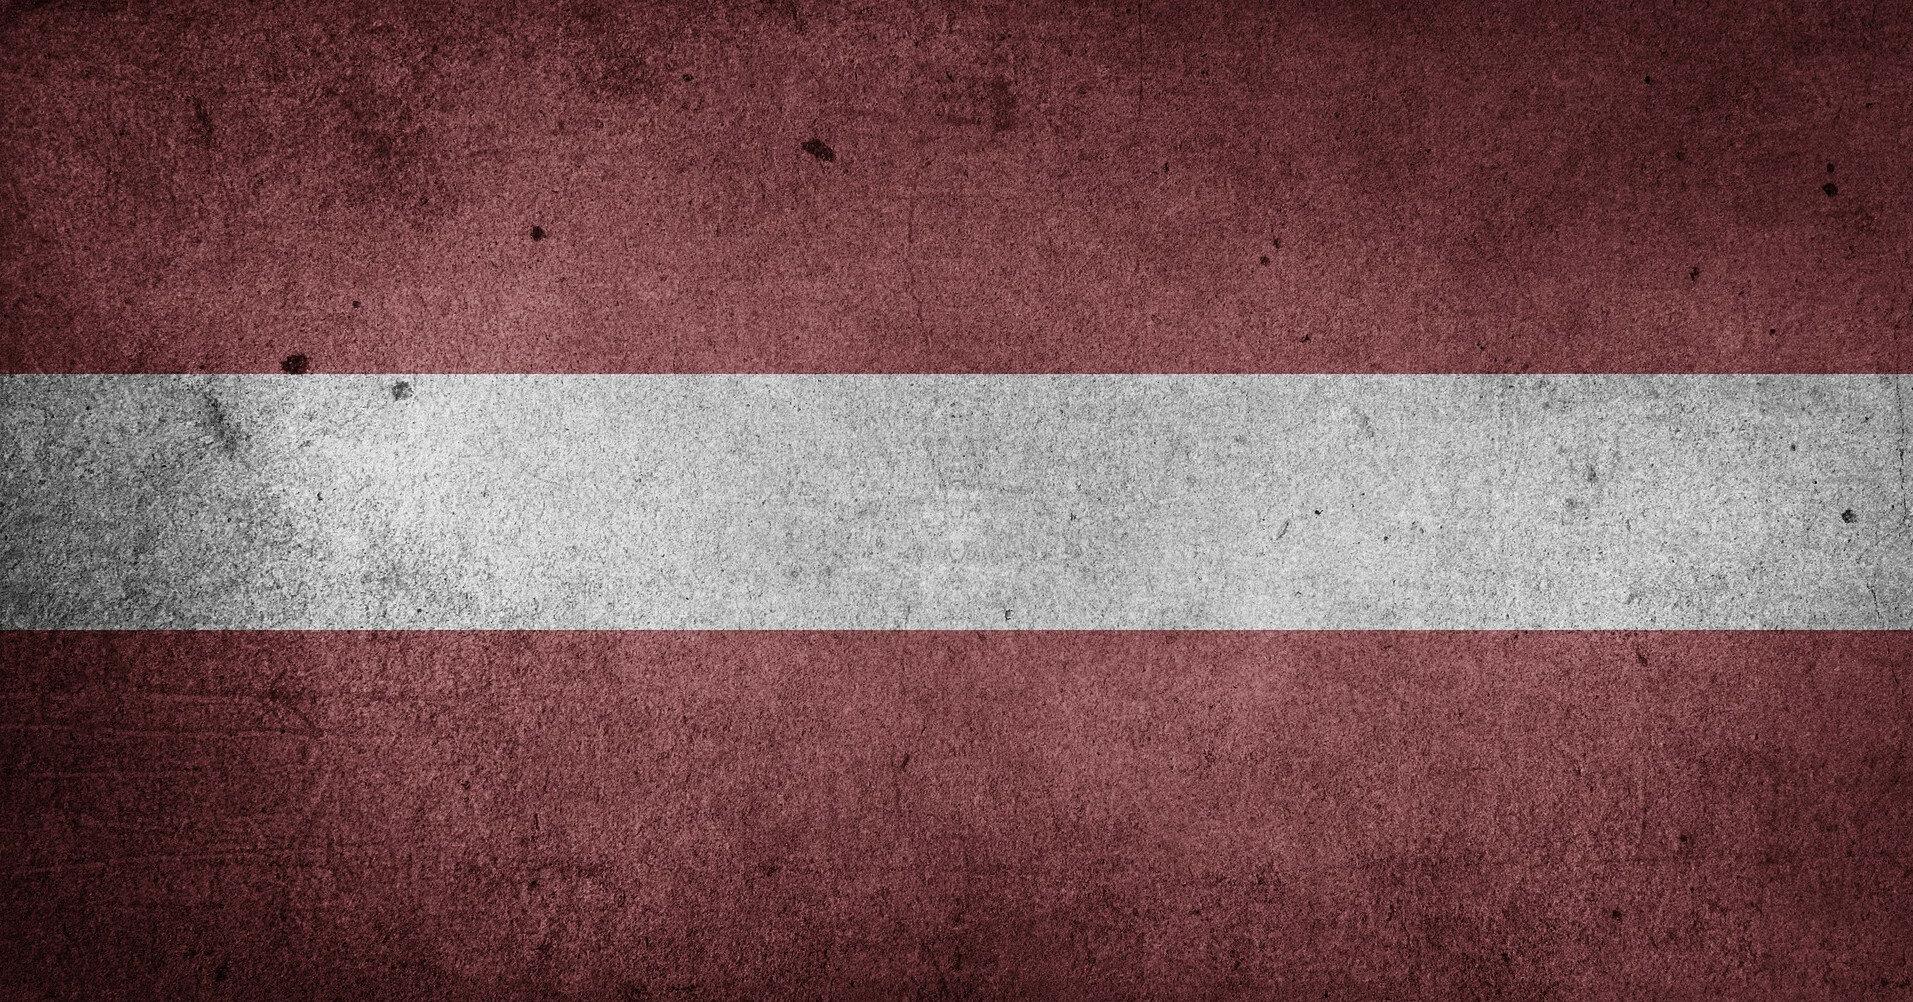 Латвия сообщила о риске инцидента между НАТО, РФ и Беларусью